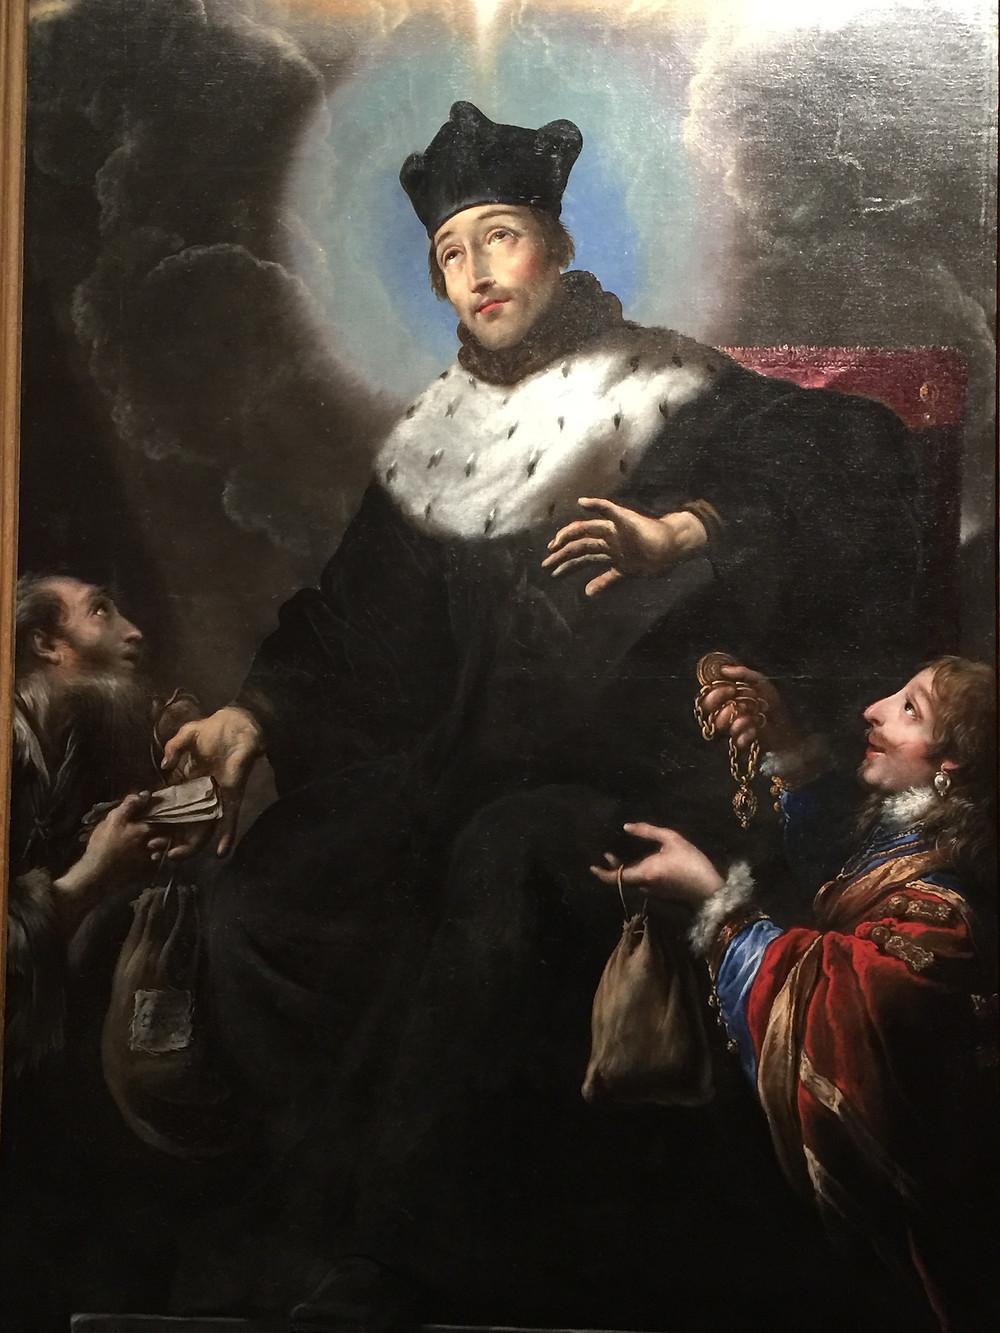 Gemälde von Saint Yves zwischen dem Reichen und dem Armen